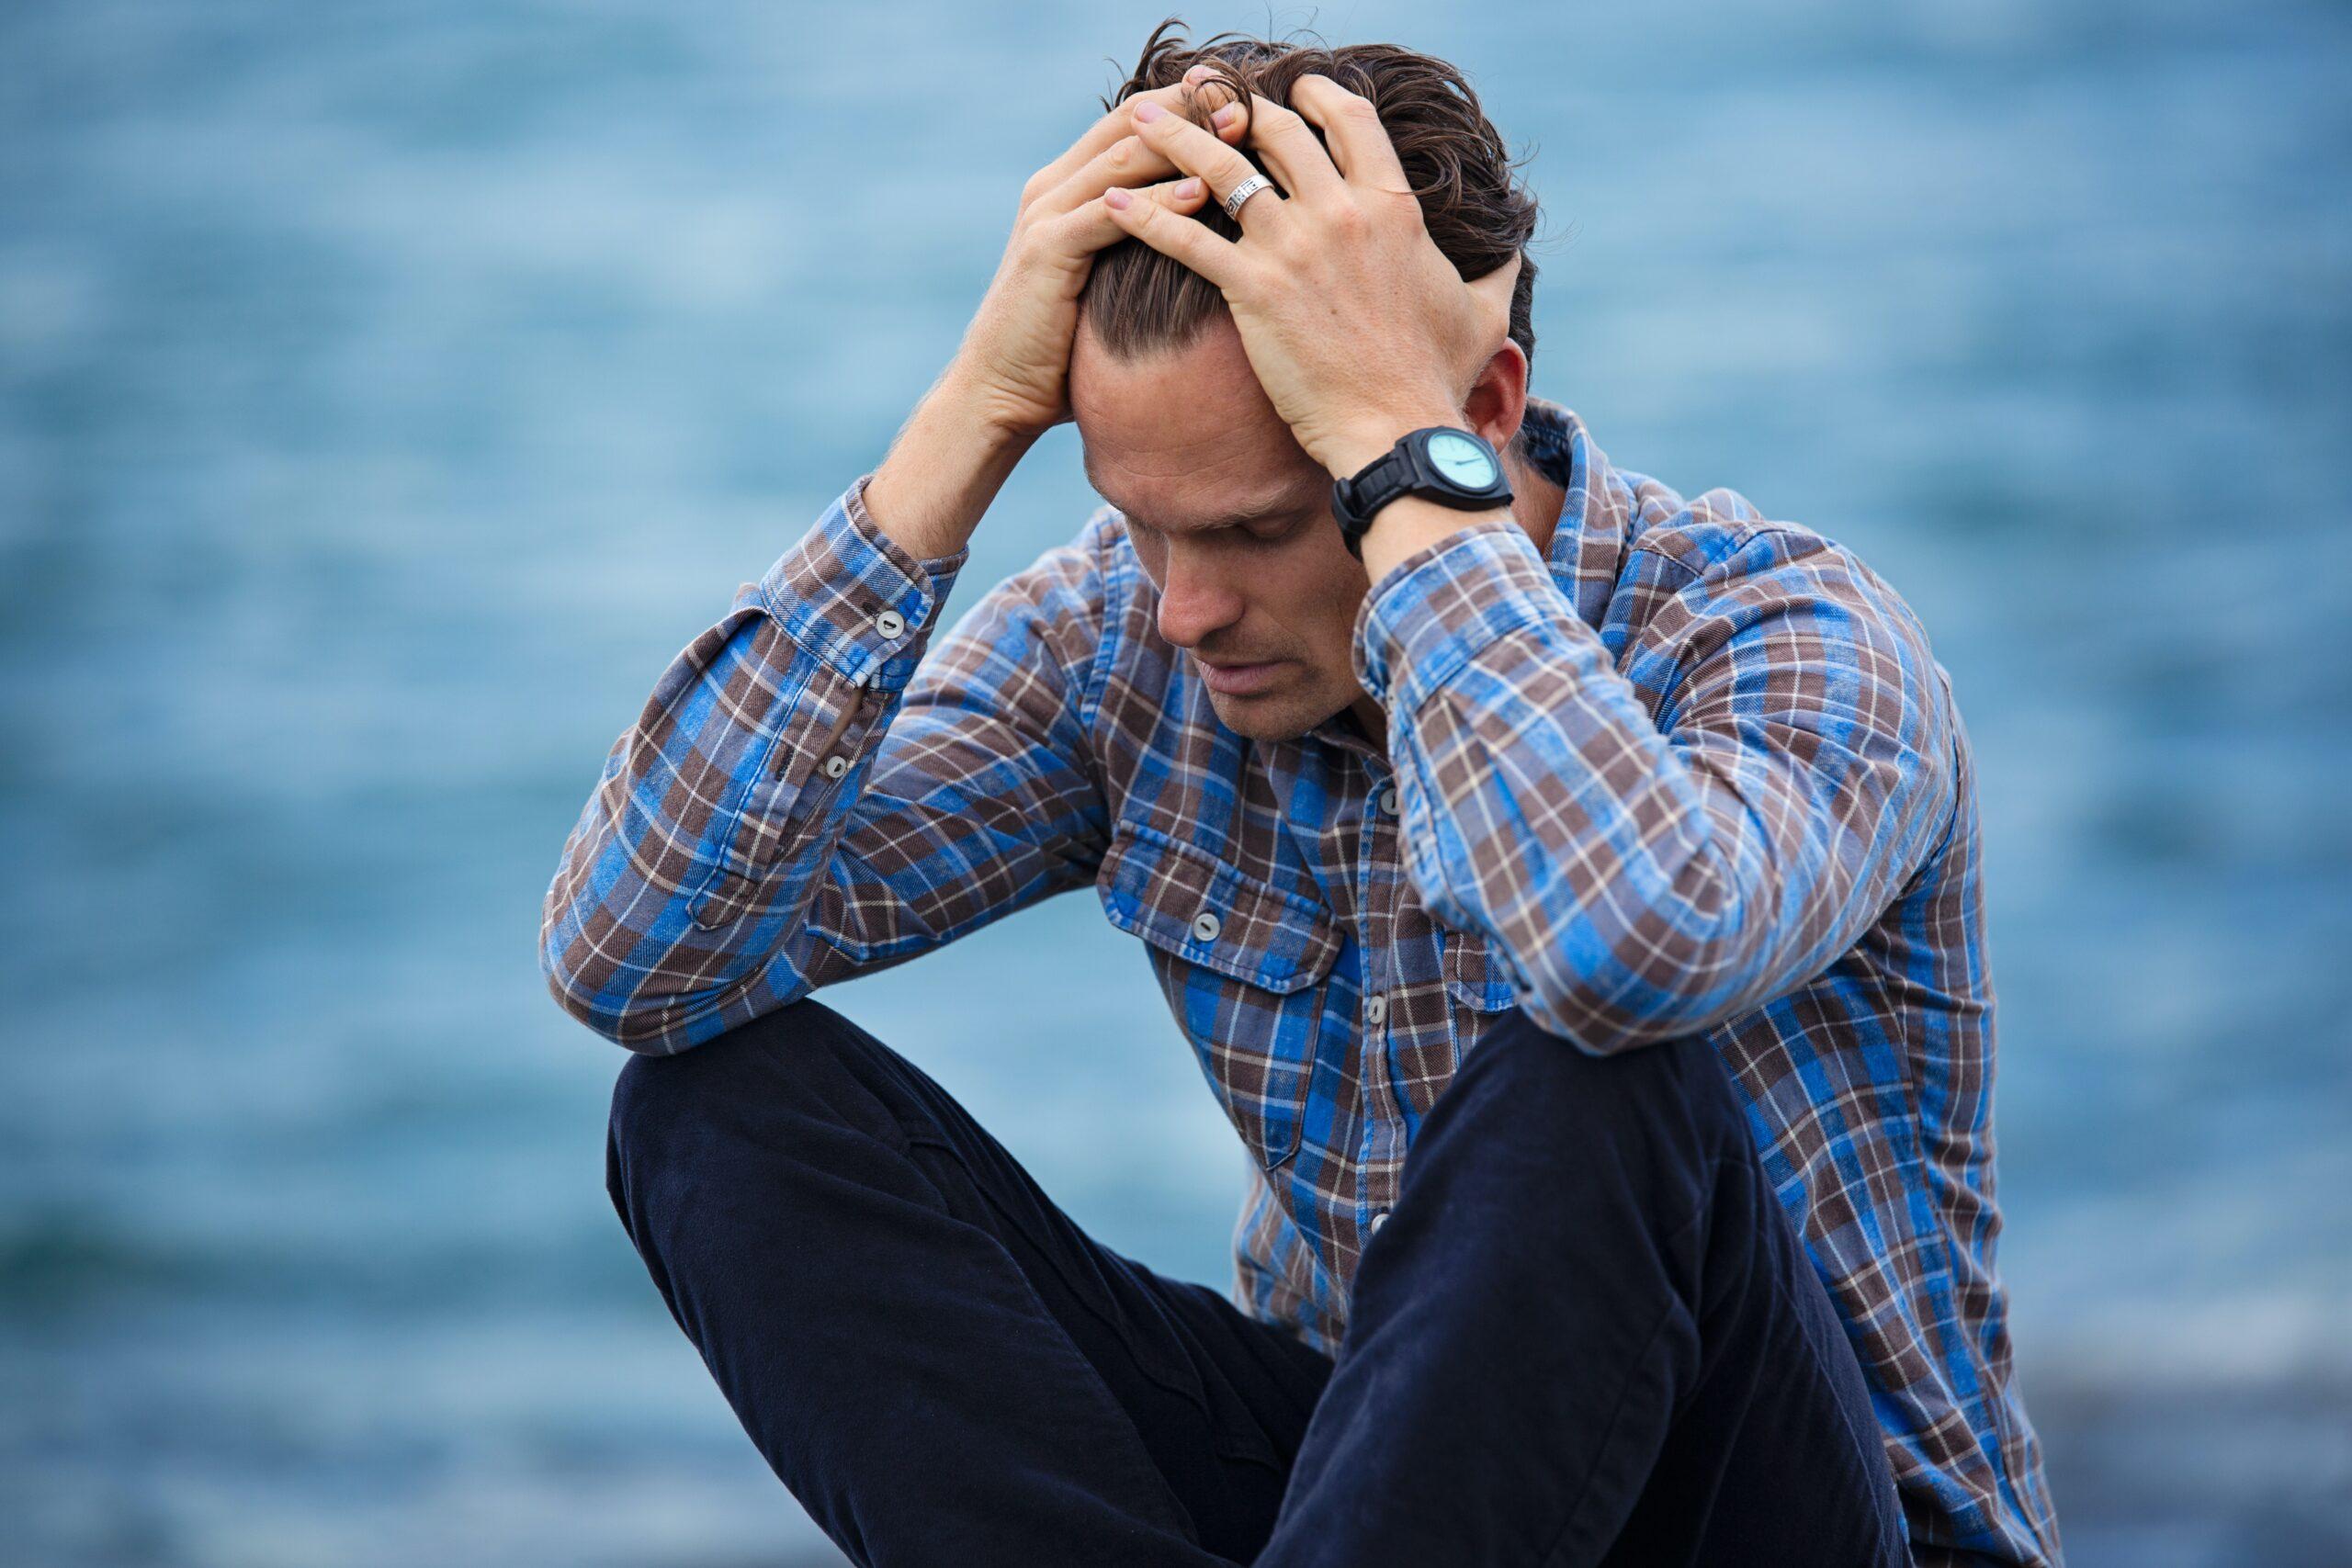 副業を失敗しない為のリスクマネージメントの重要性